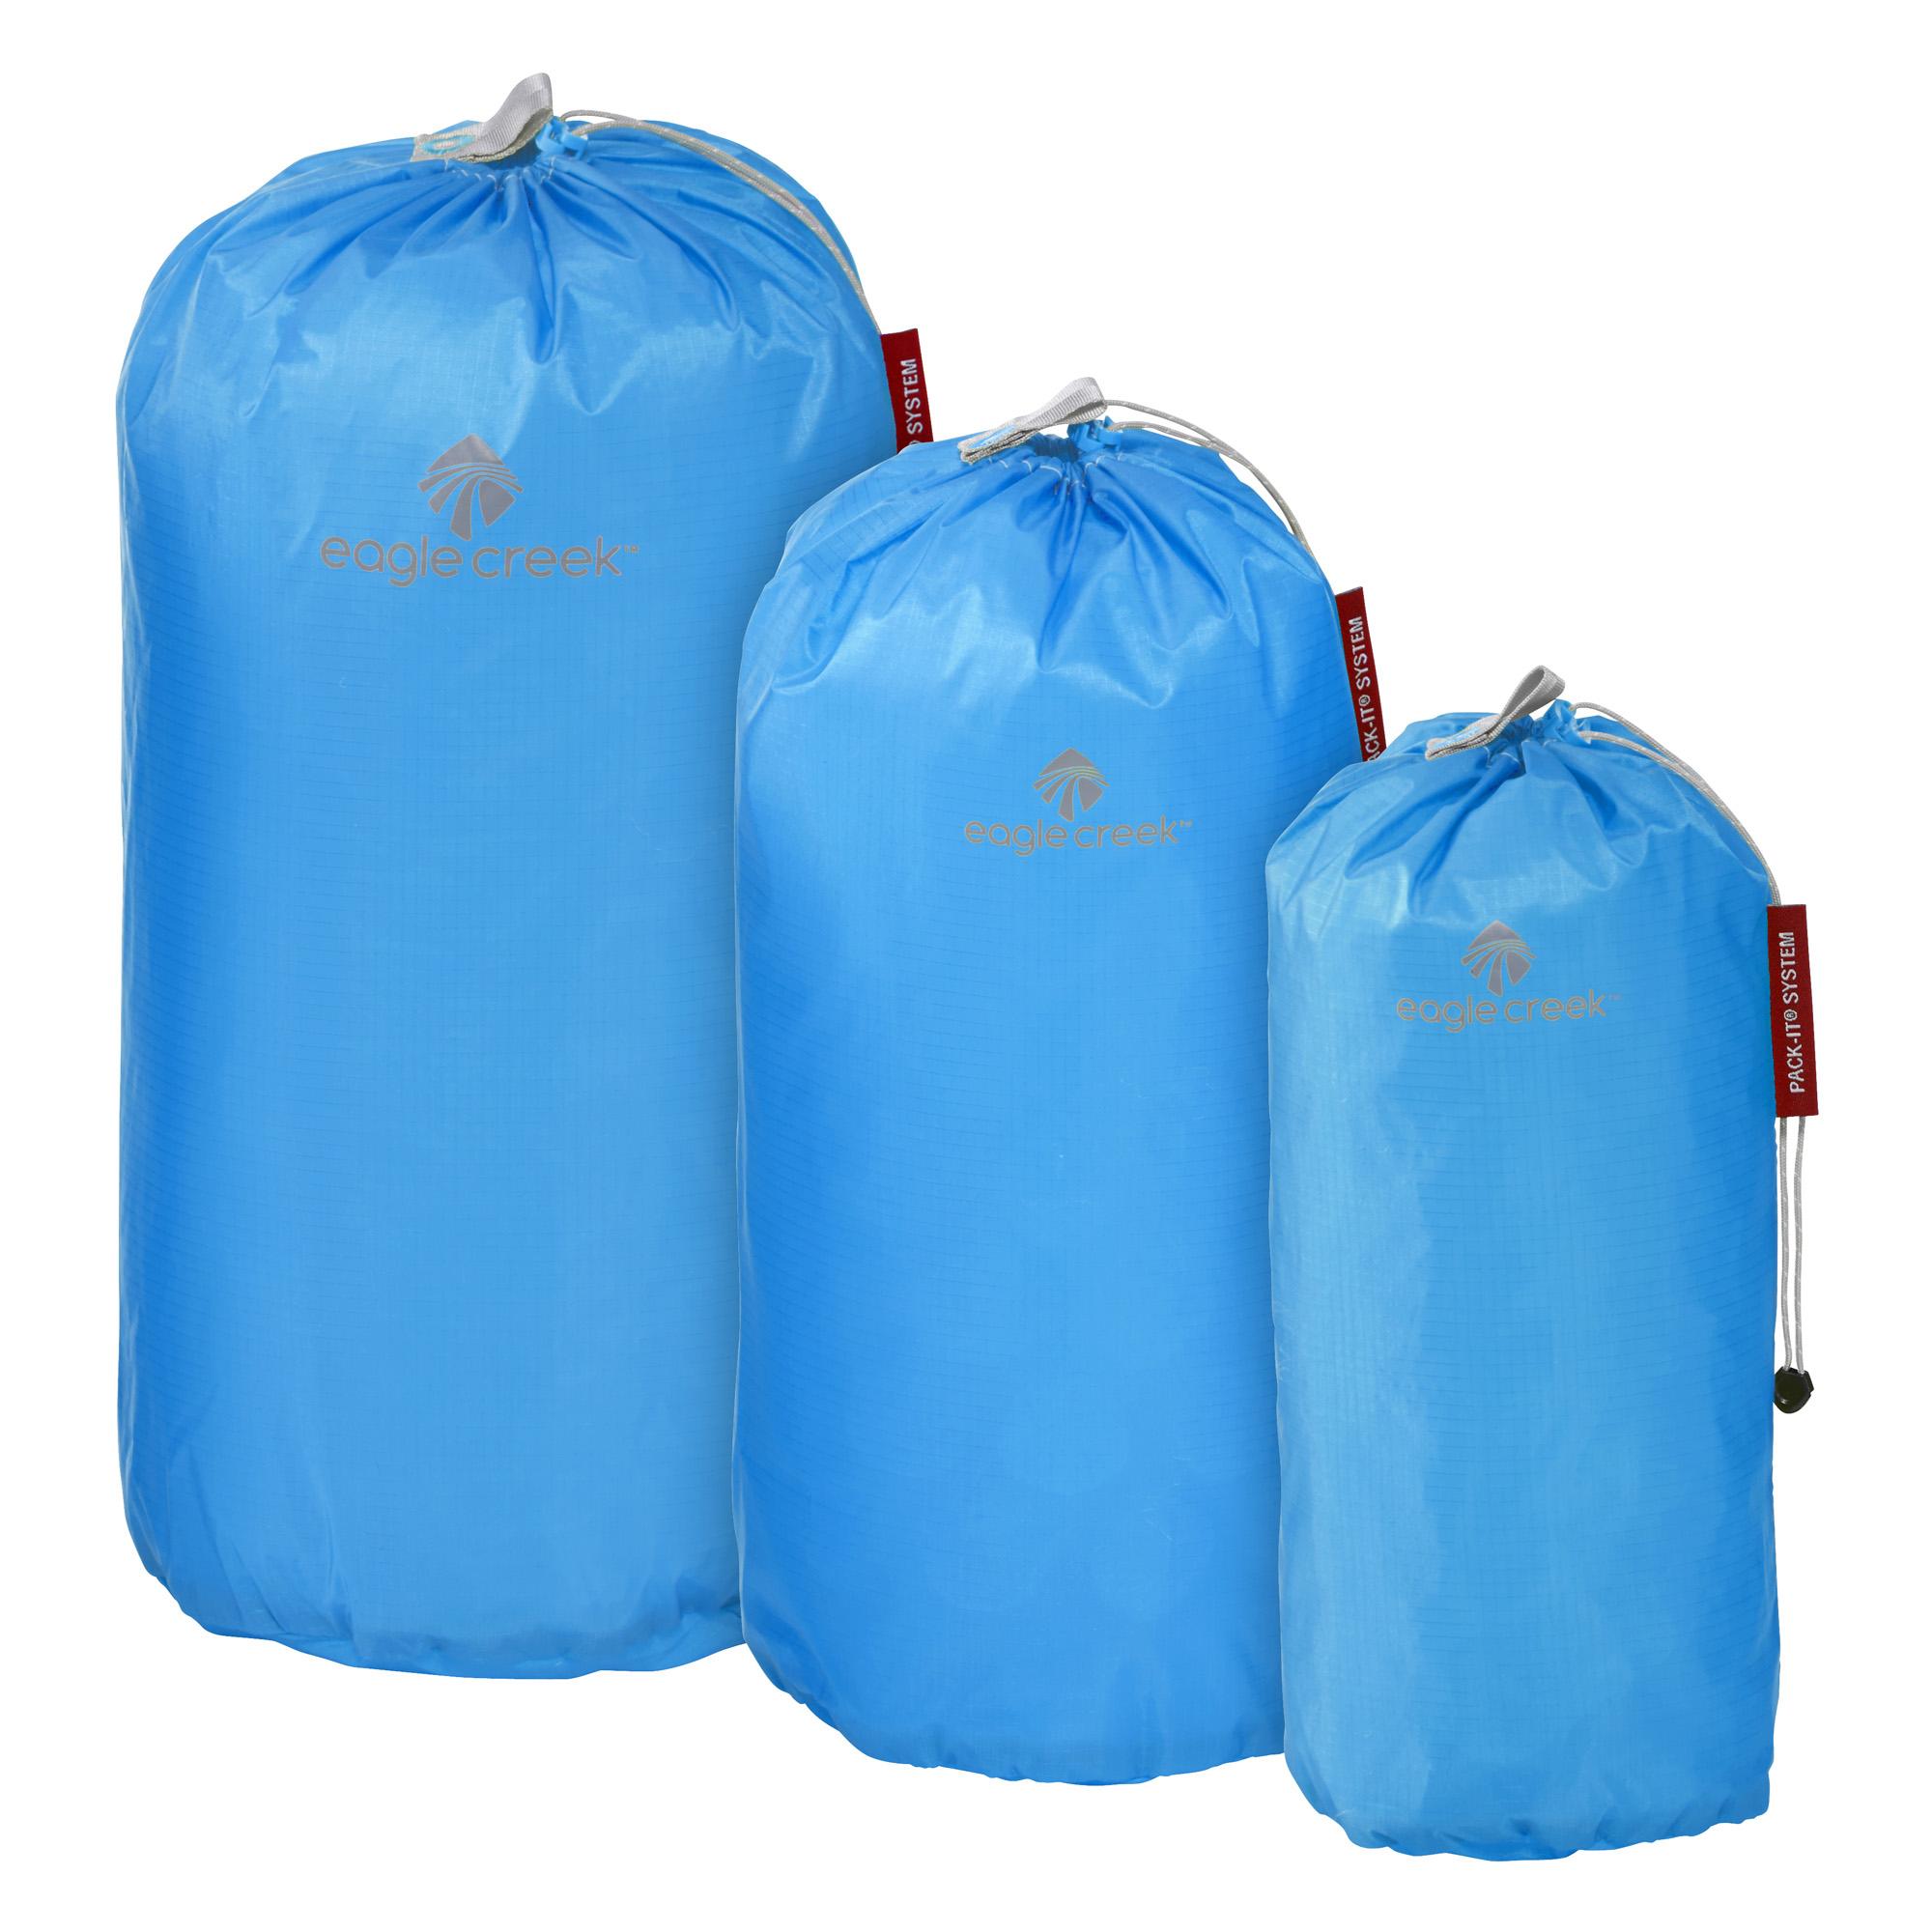 Pack-It Specter Stuffer Set S/M/L - Brilliant Blue